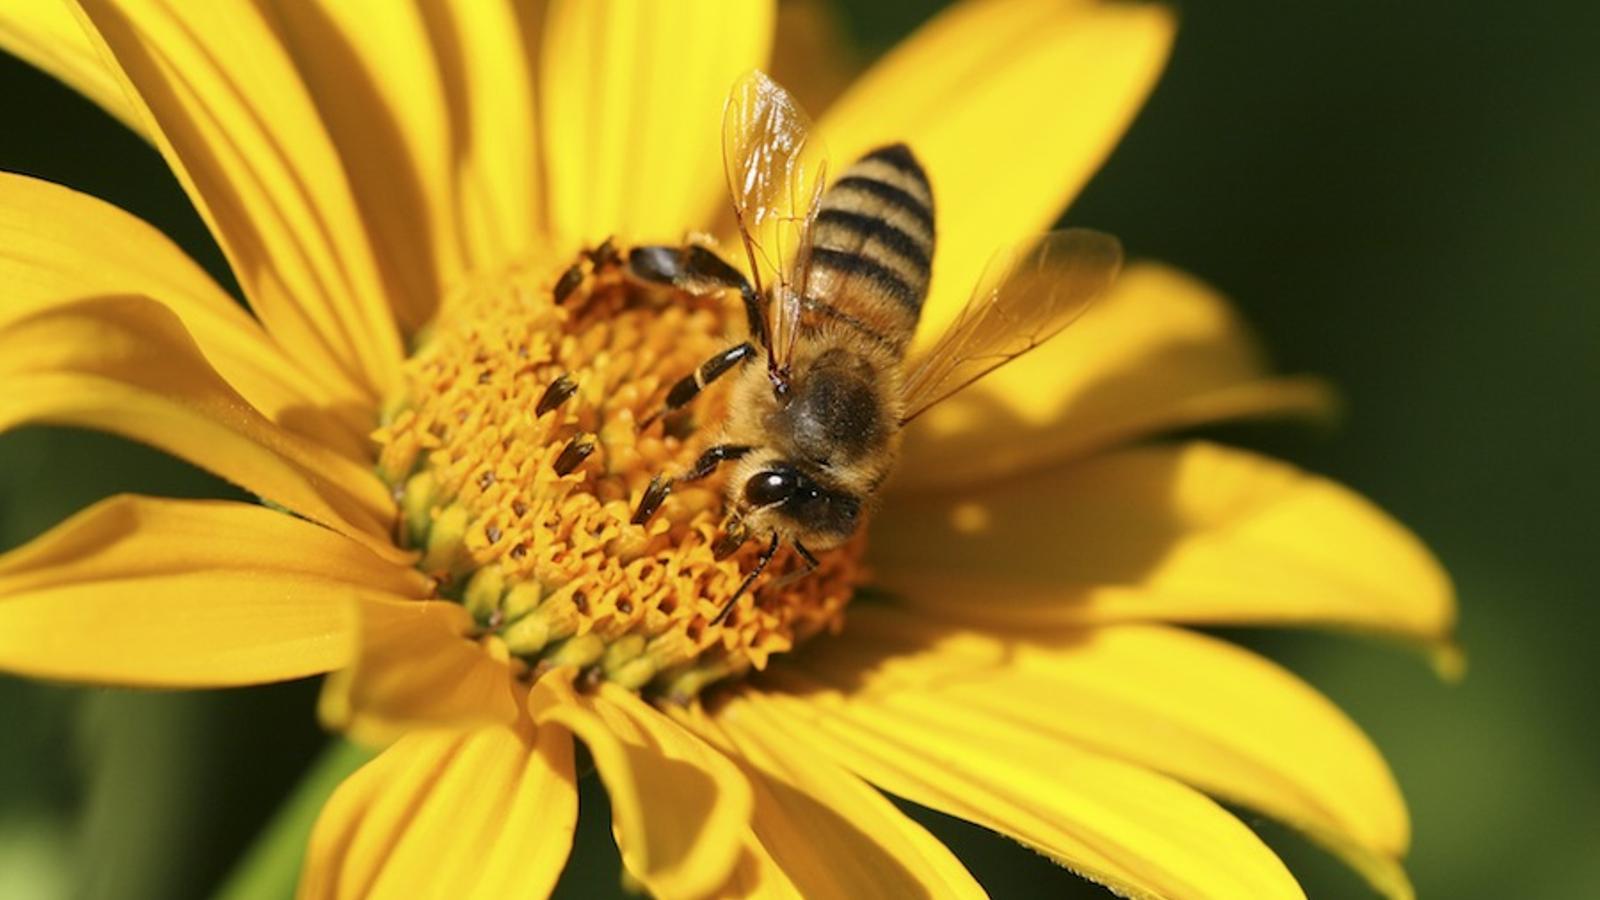 Els pesticides desorienten les abelles, que no saben trobar el seu rusc i moren / THINKSTOCK